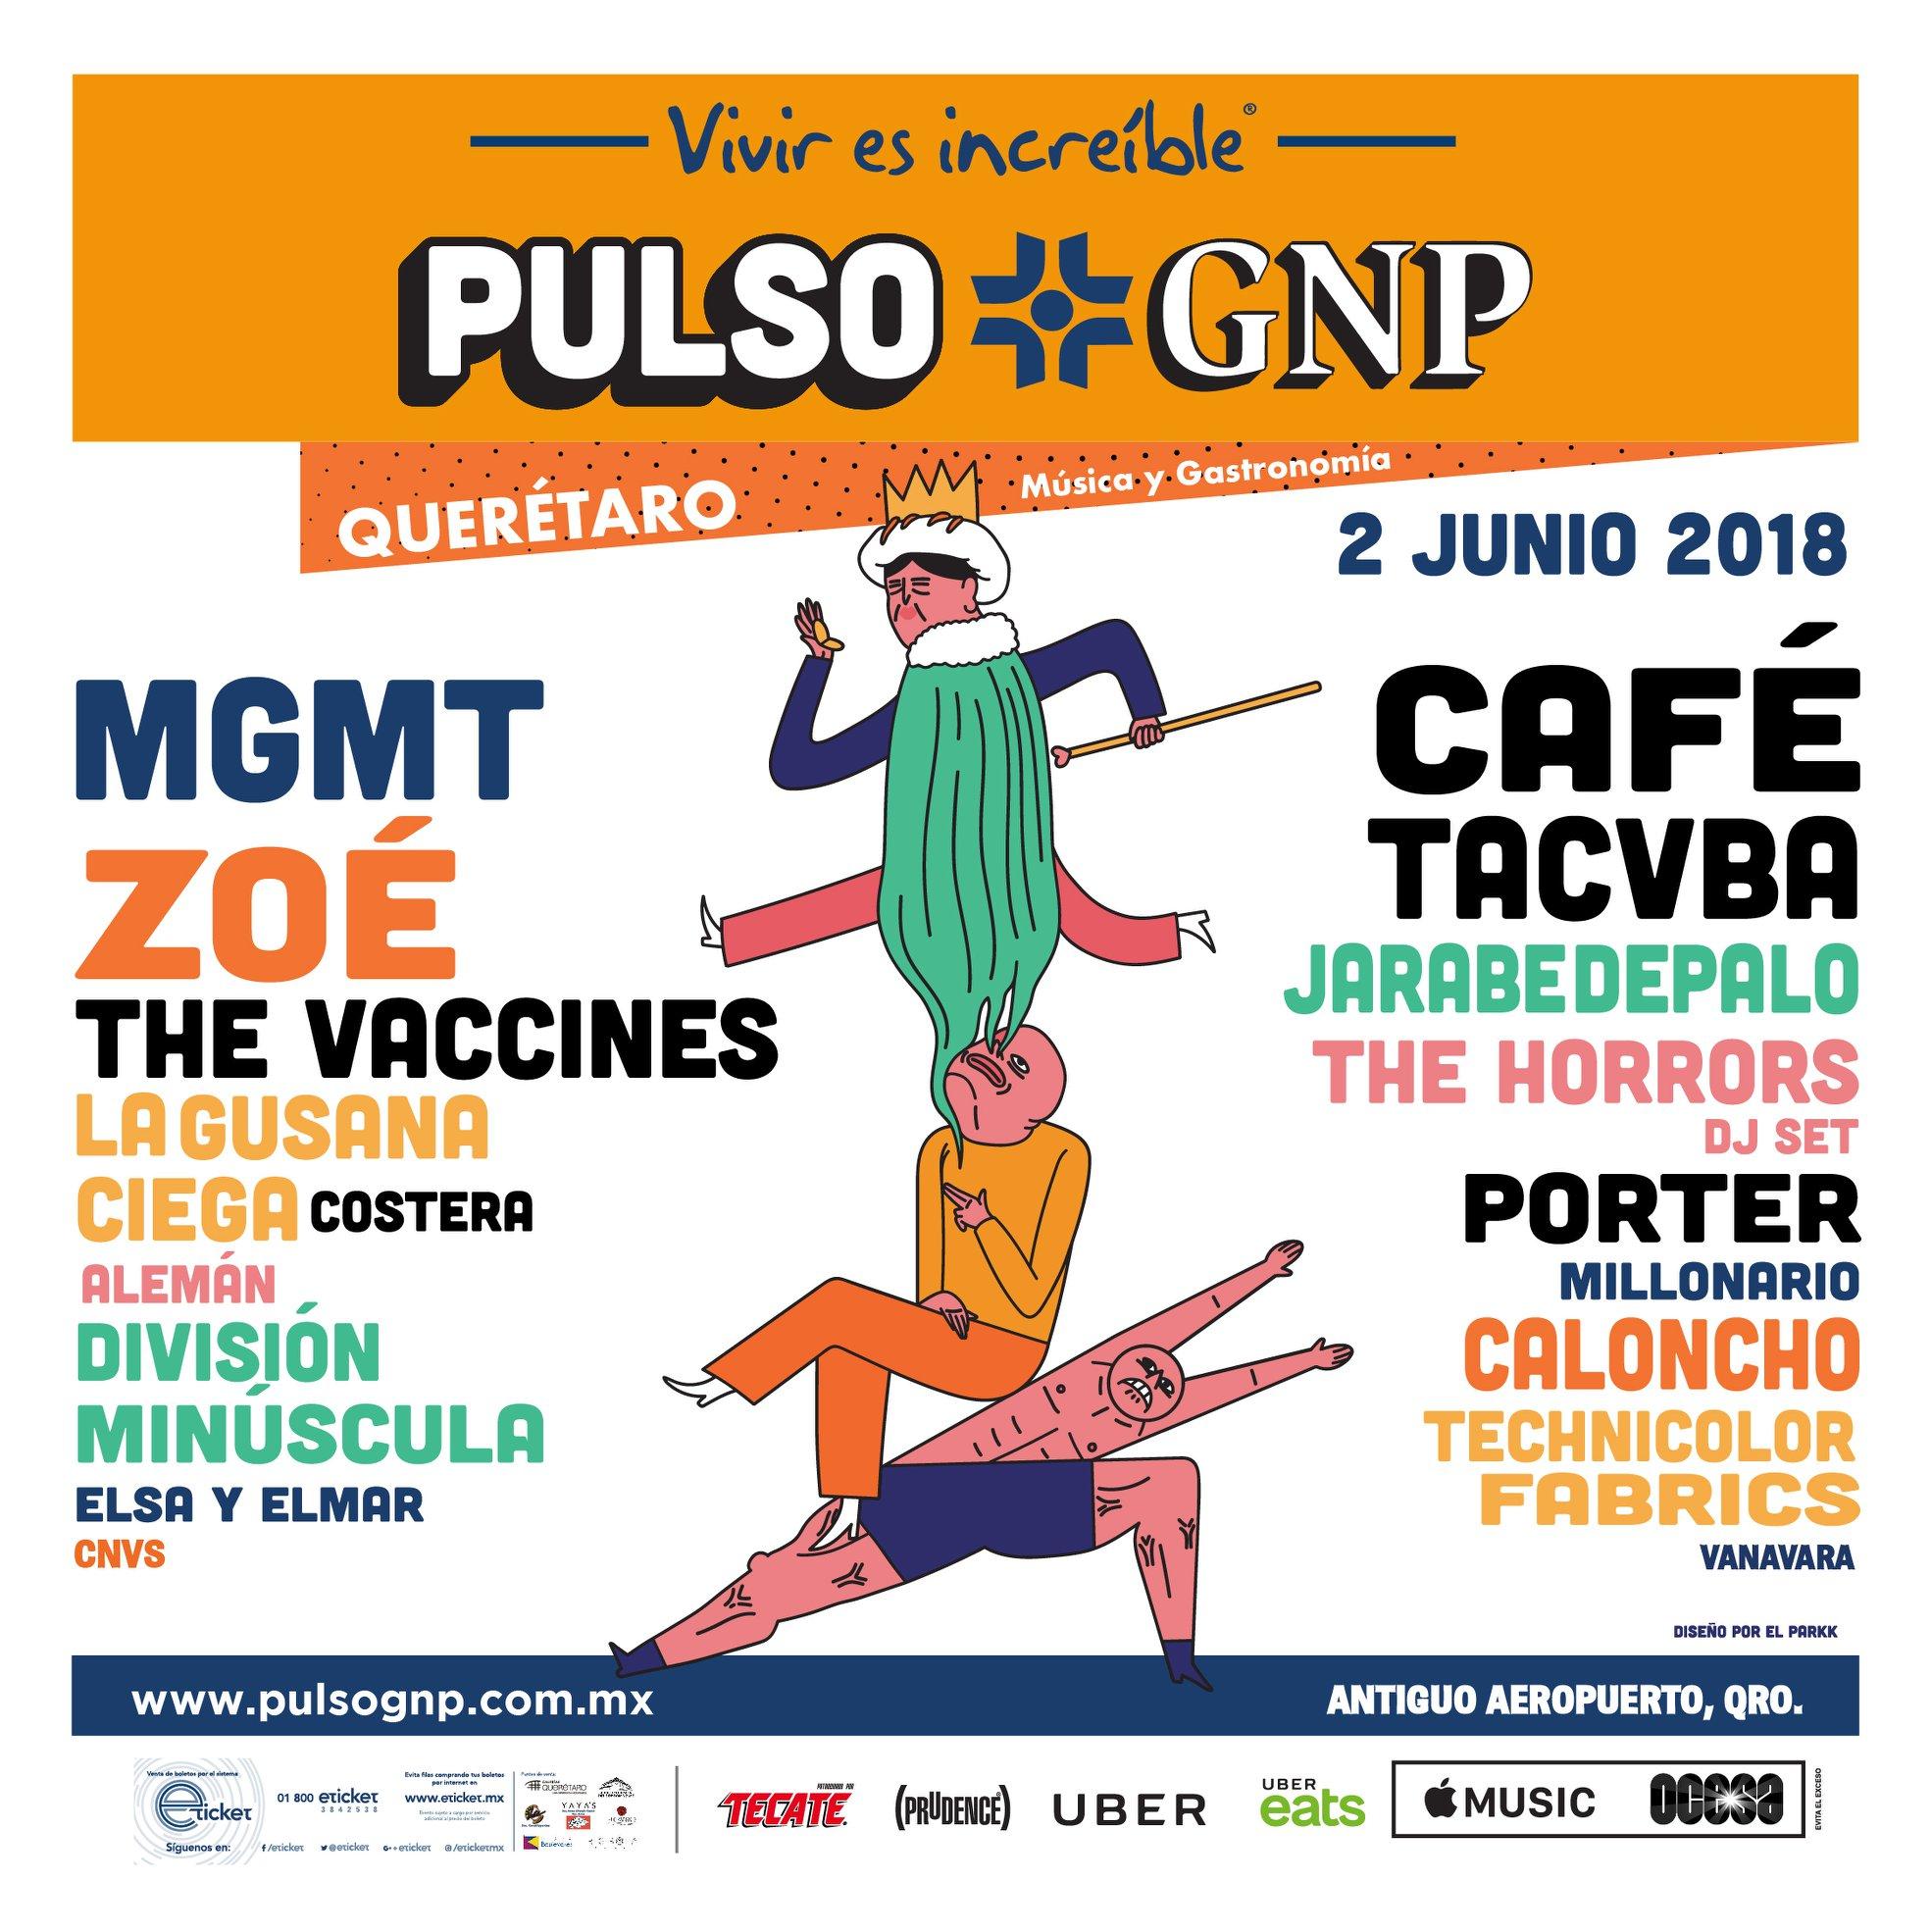 Pulso GNP 2018 - Creatigrafia